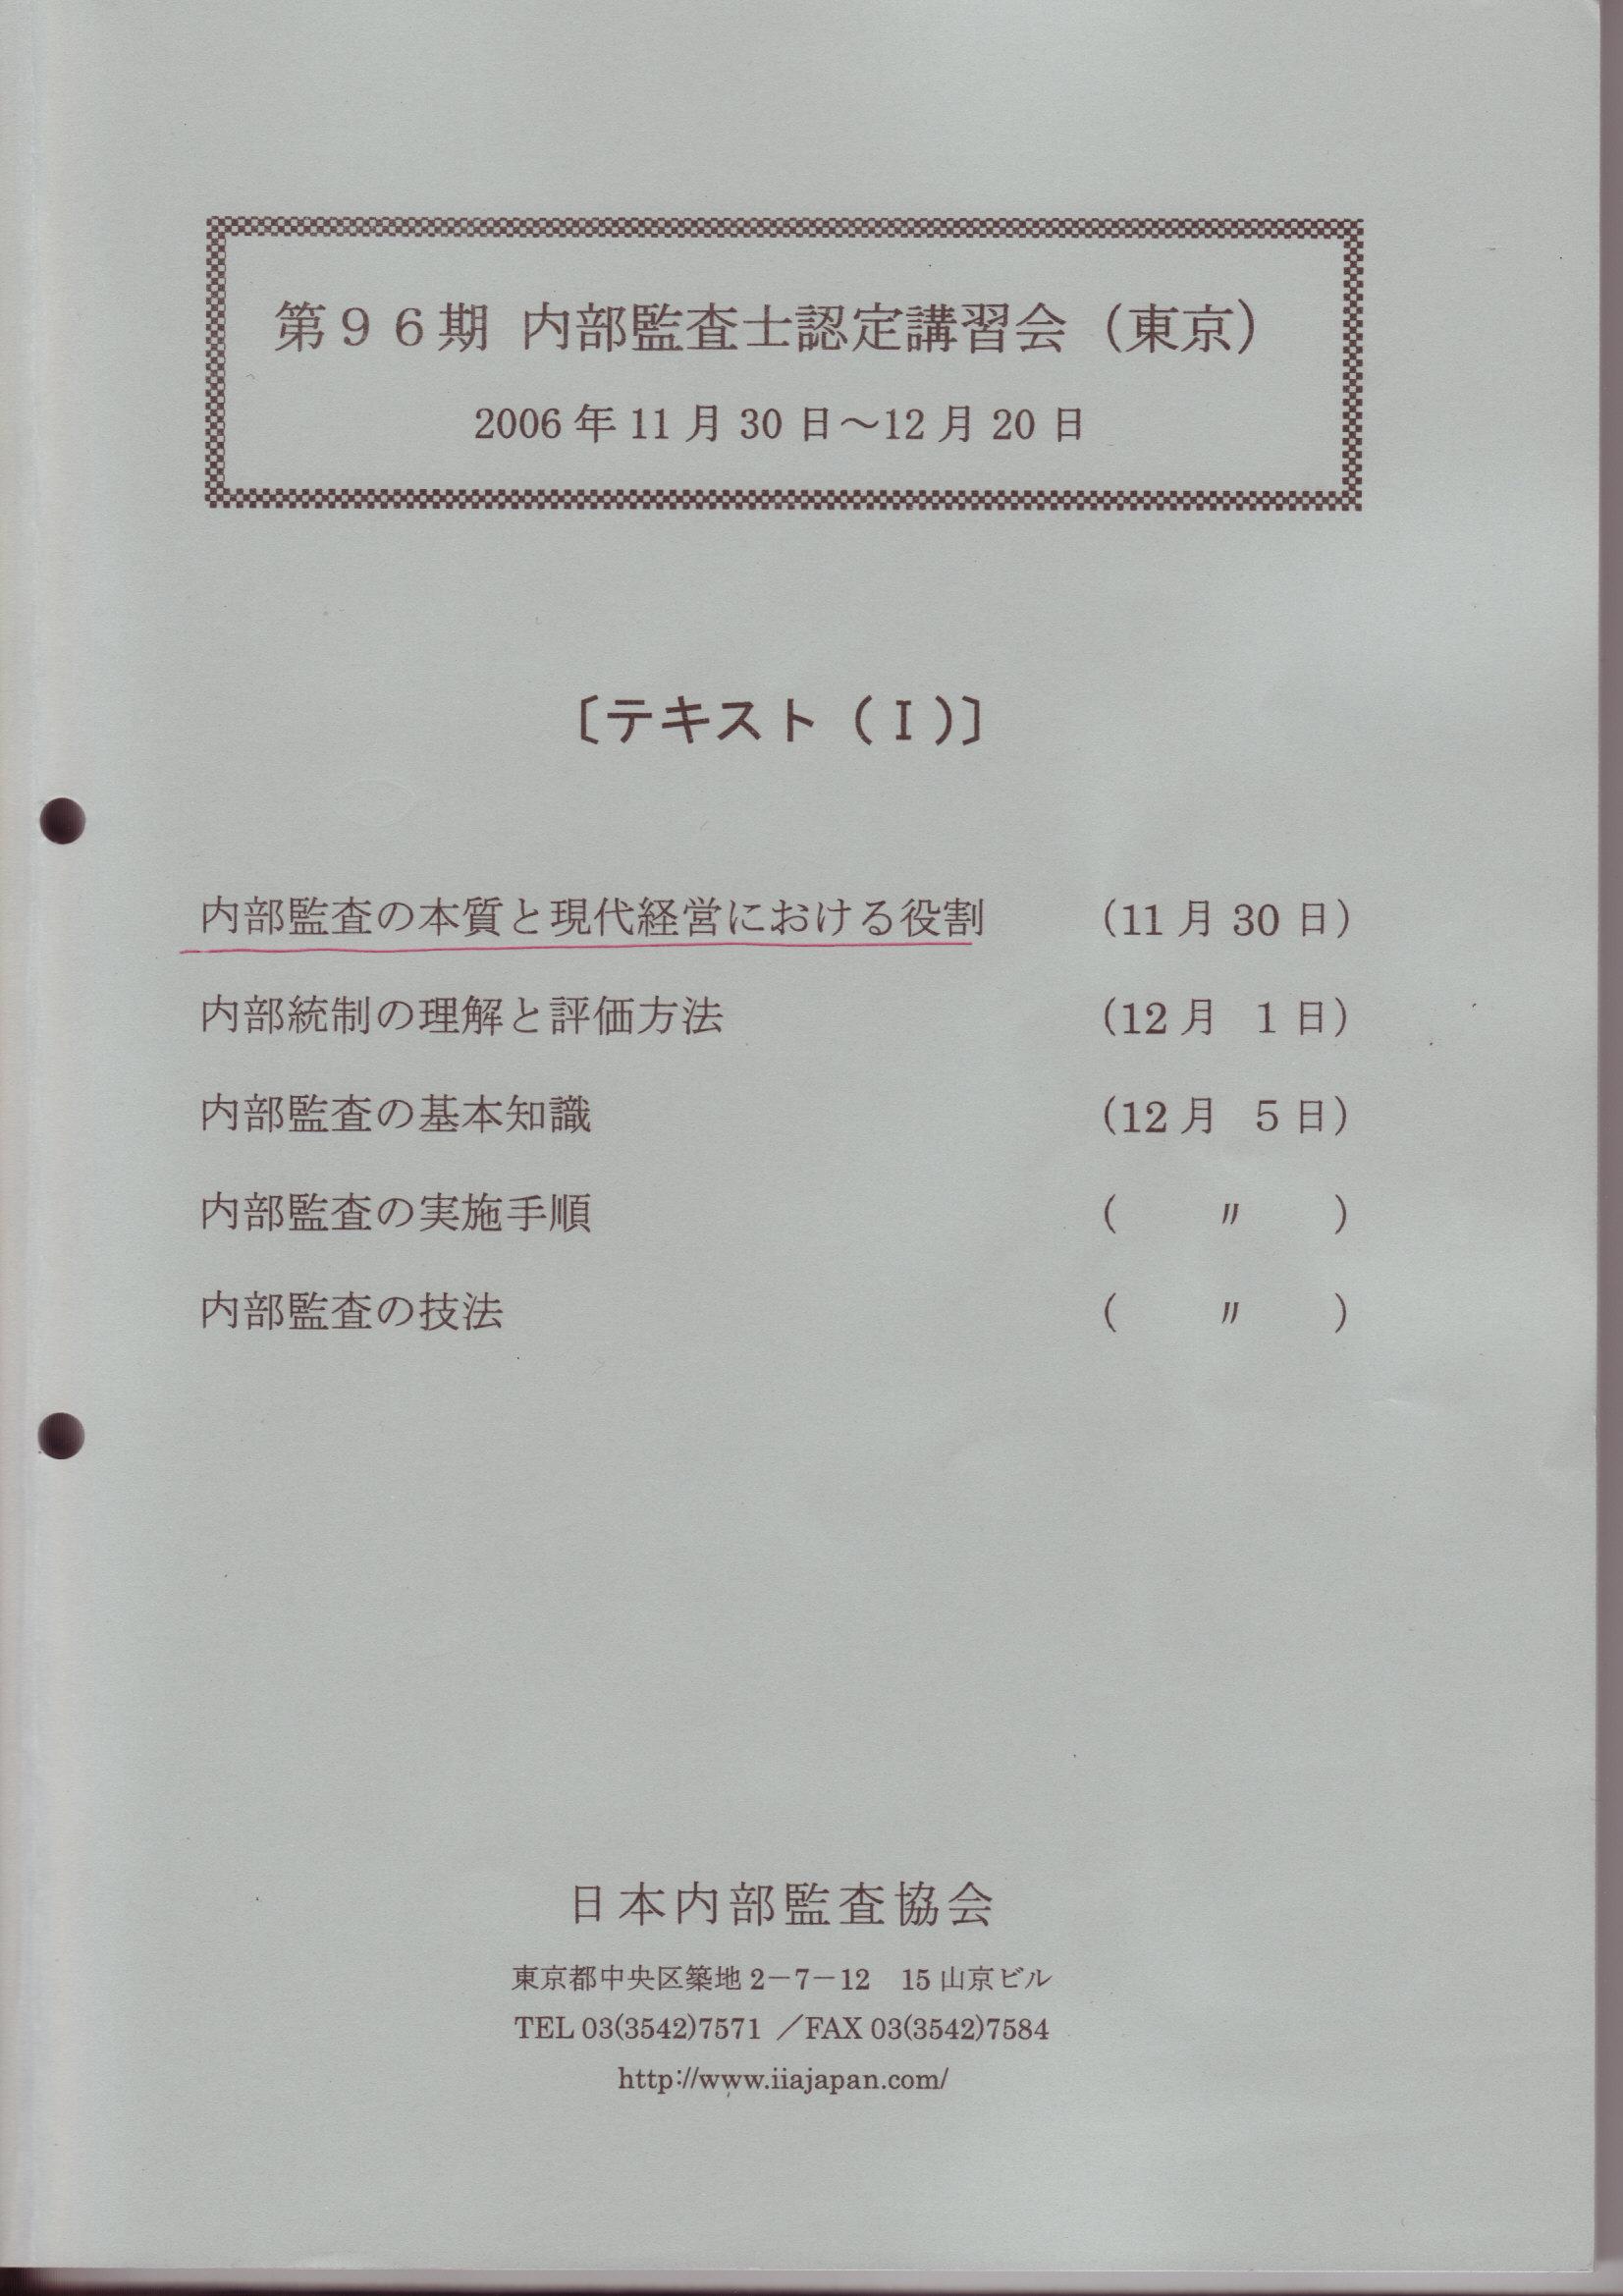 協会 内部 監査